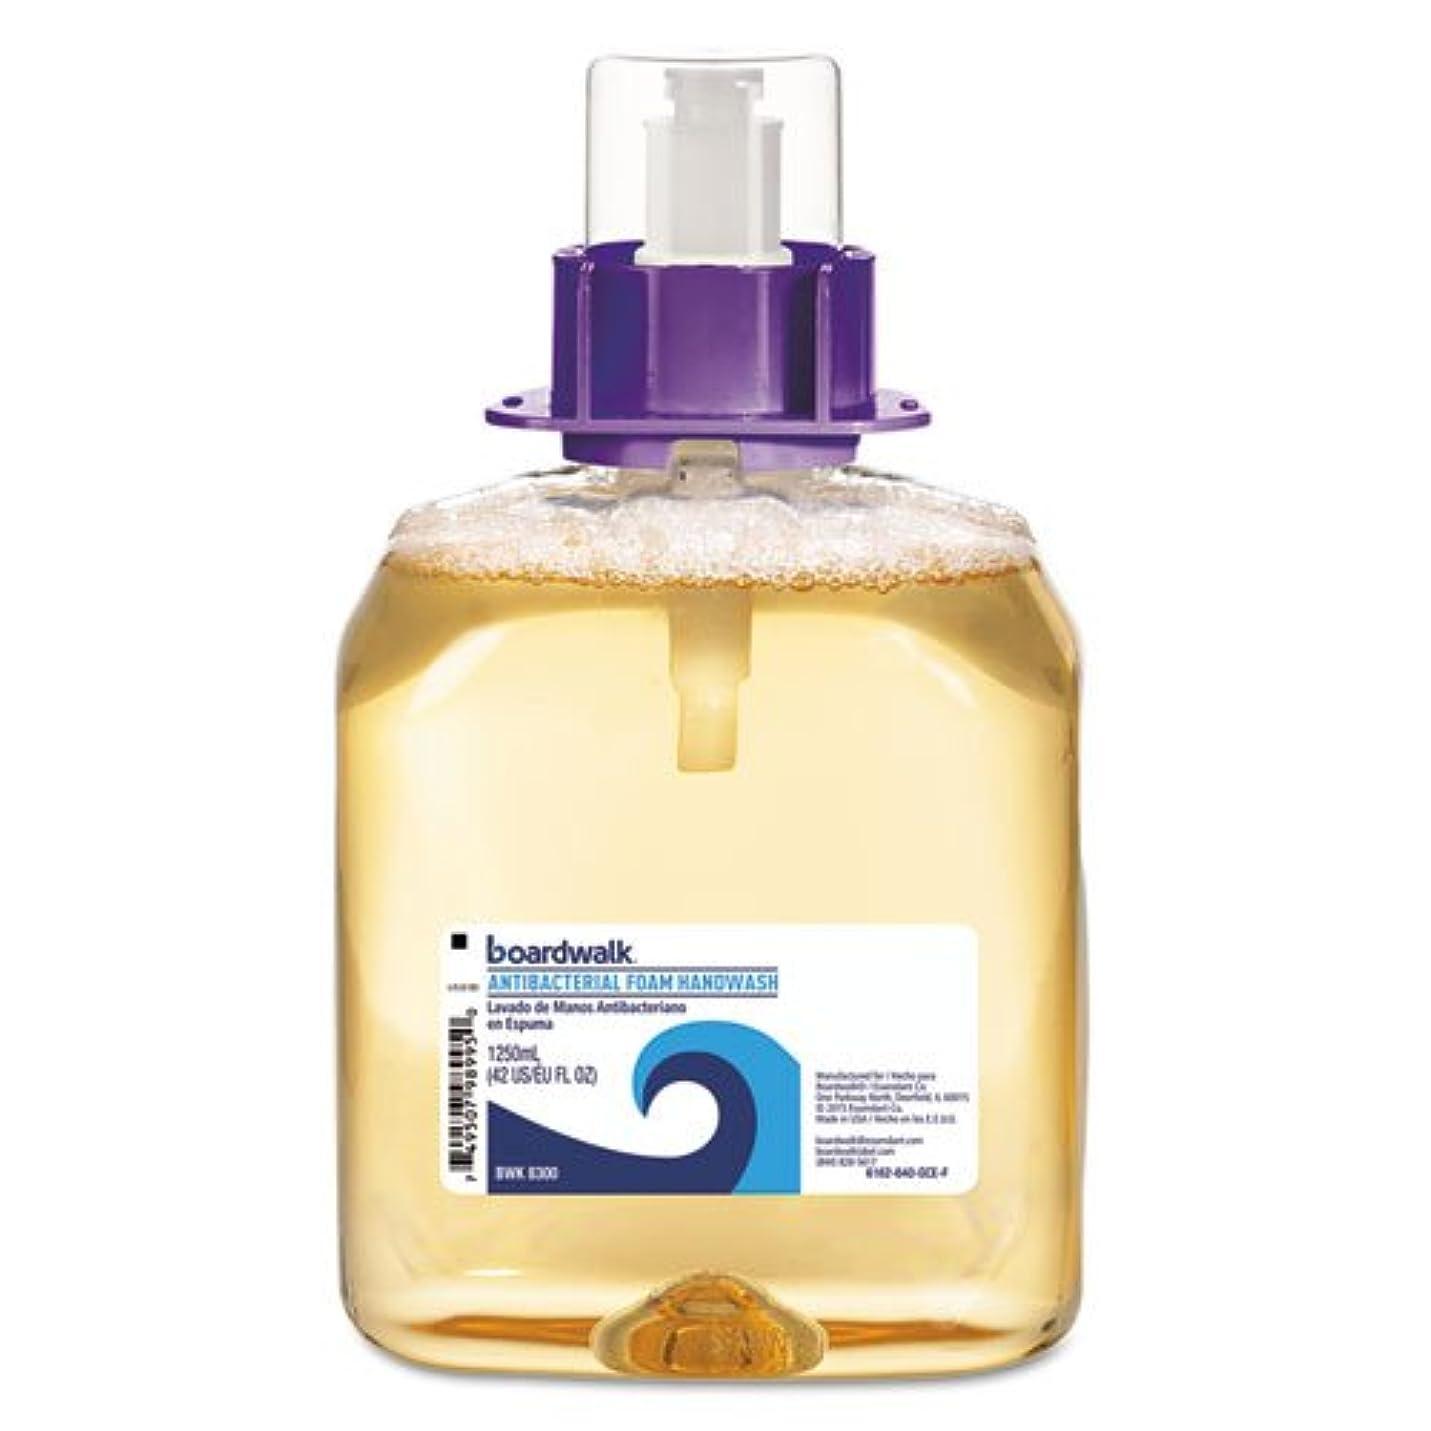 ホイットニー最大の解放bwk8300 – Foam Antibacterial Handwash